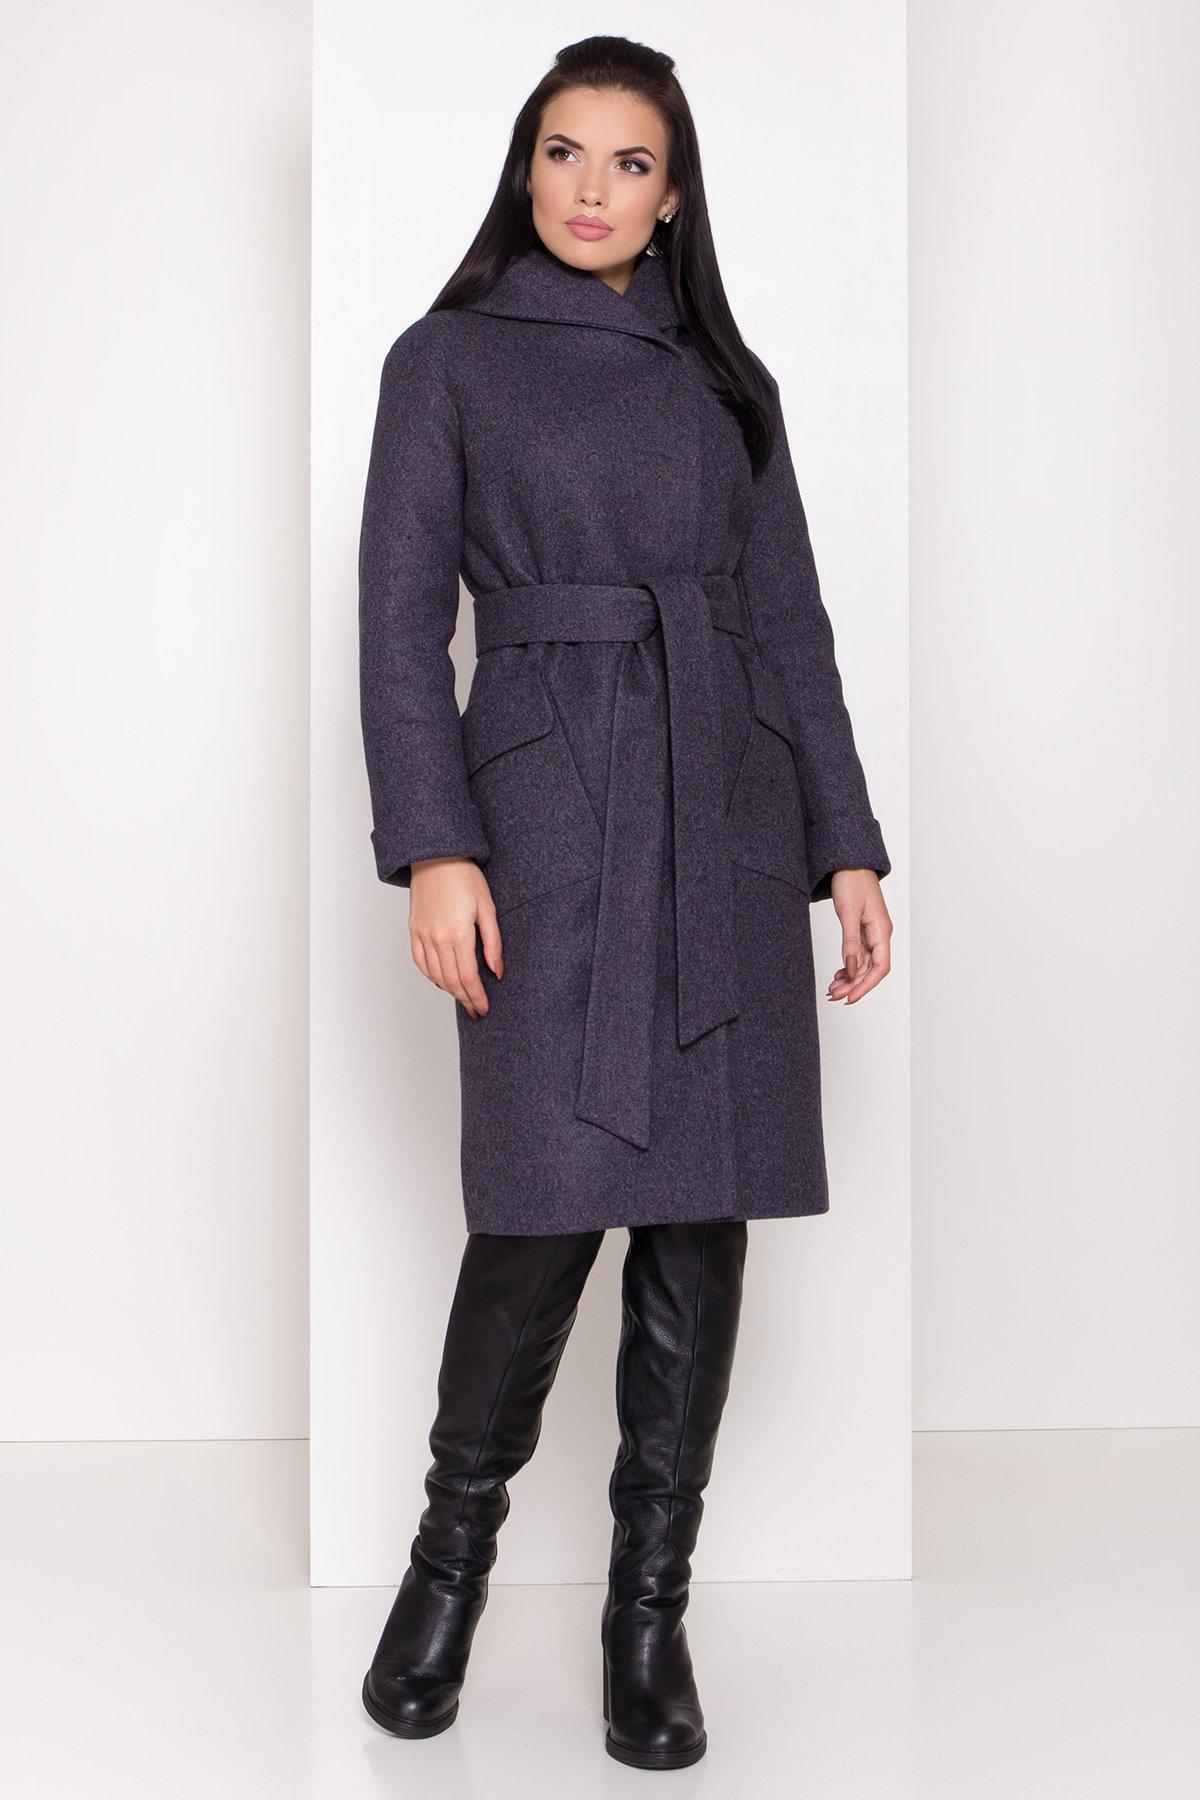 Женское пальто зима с накладными карманами Анджи 8301 Цвет: т. синий 543